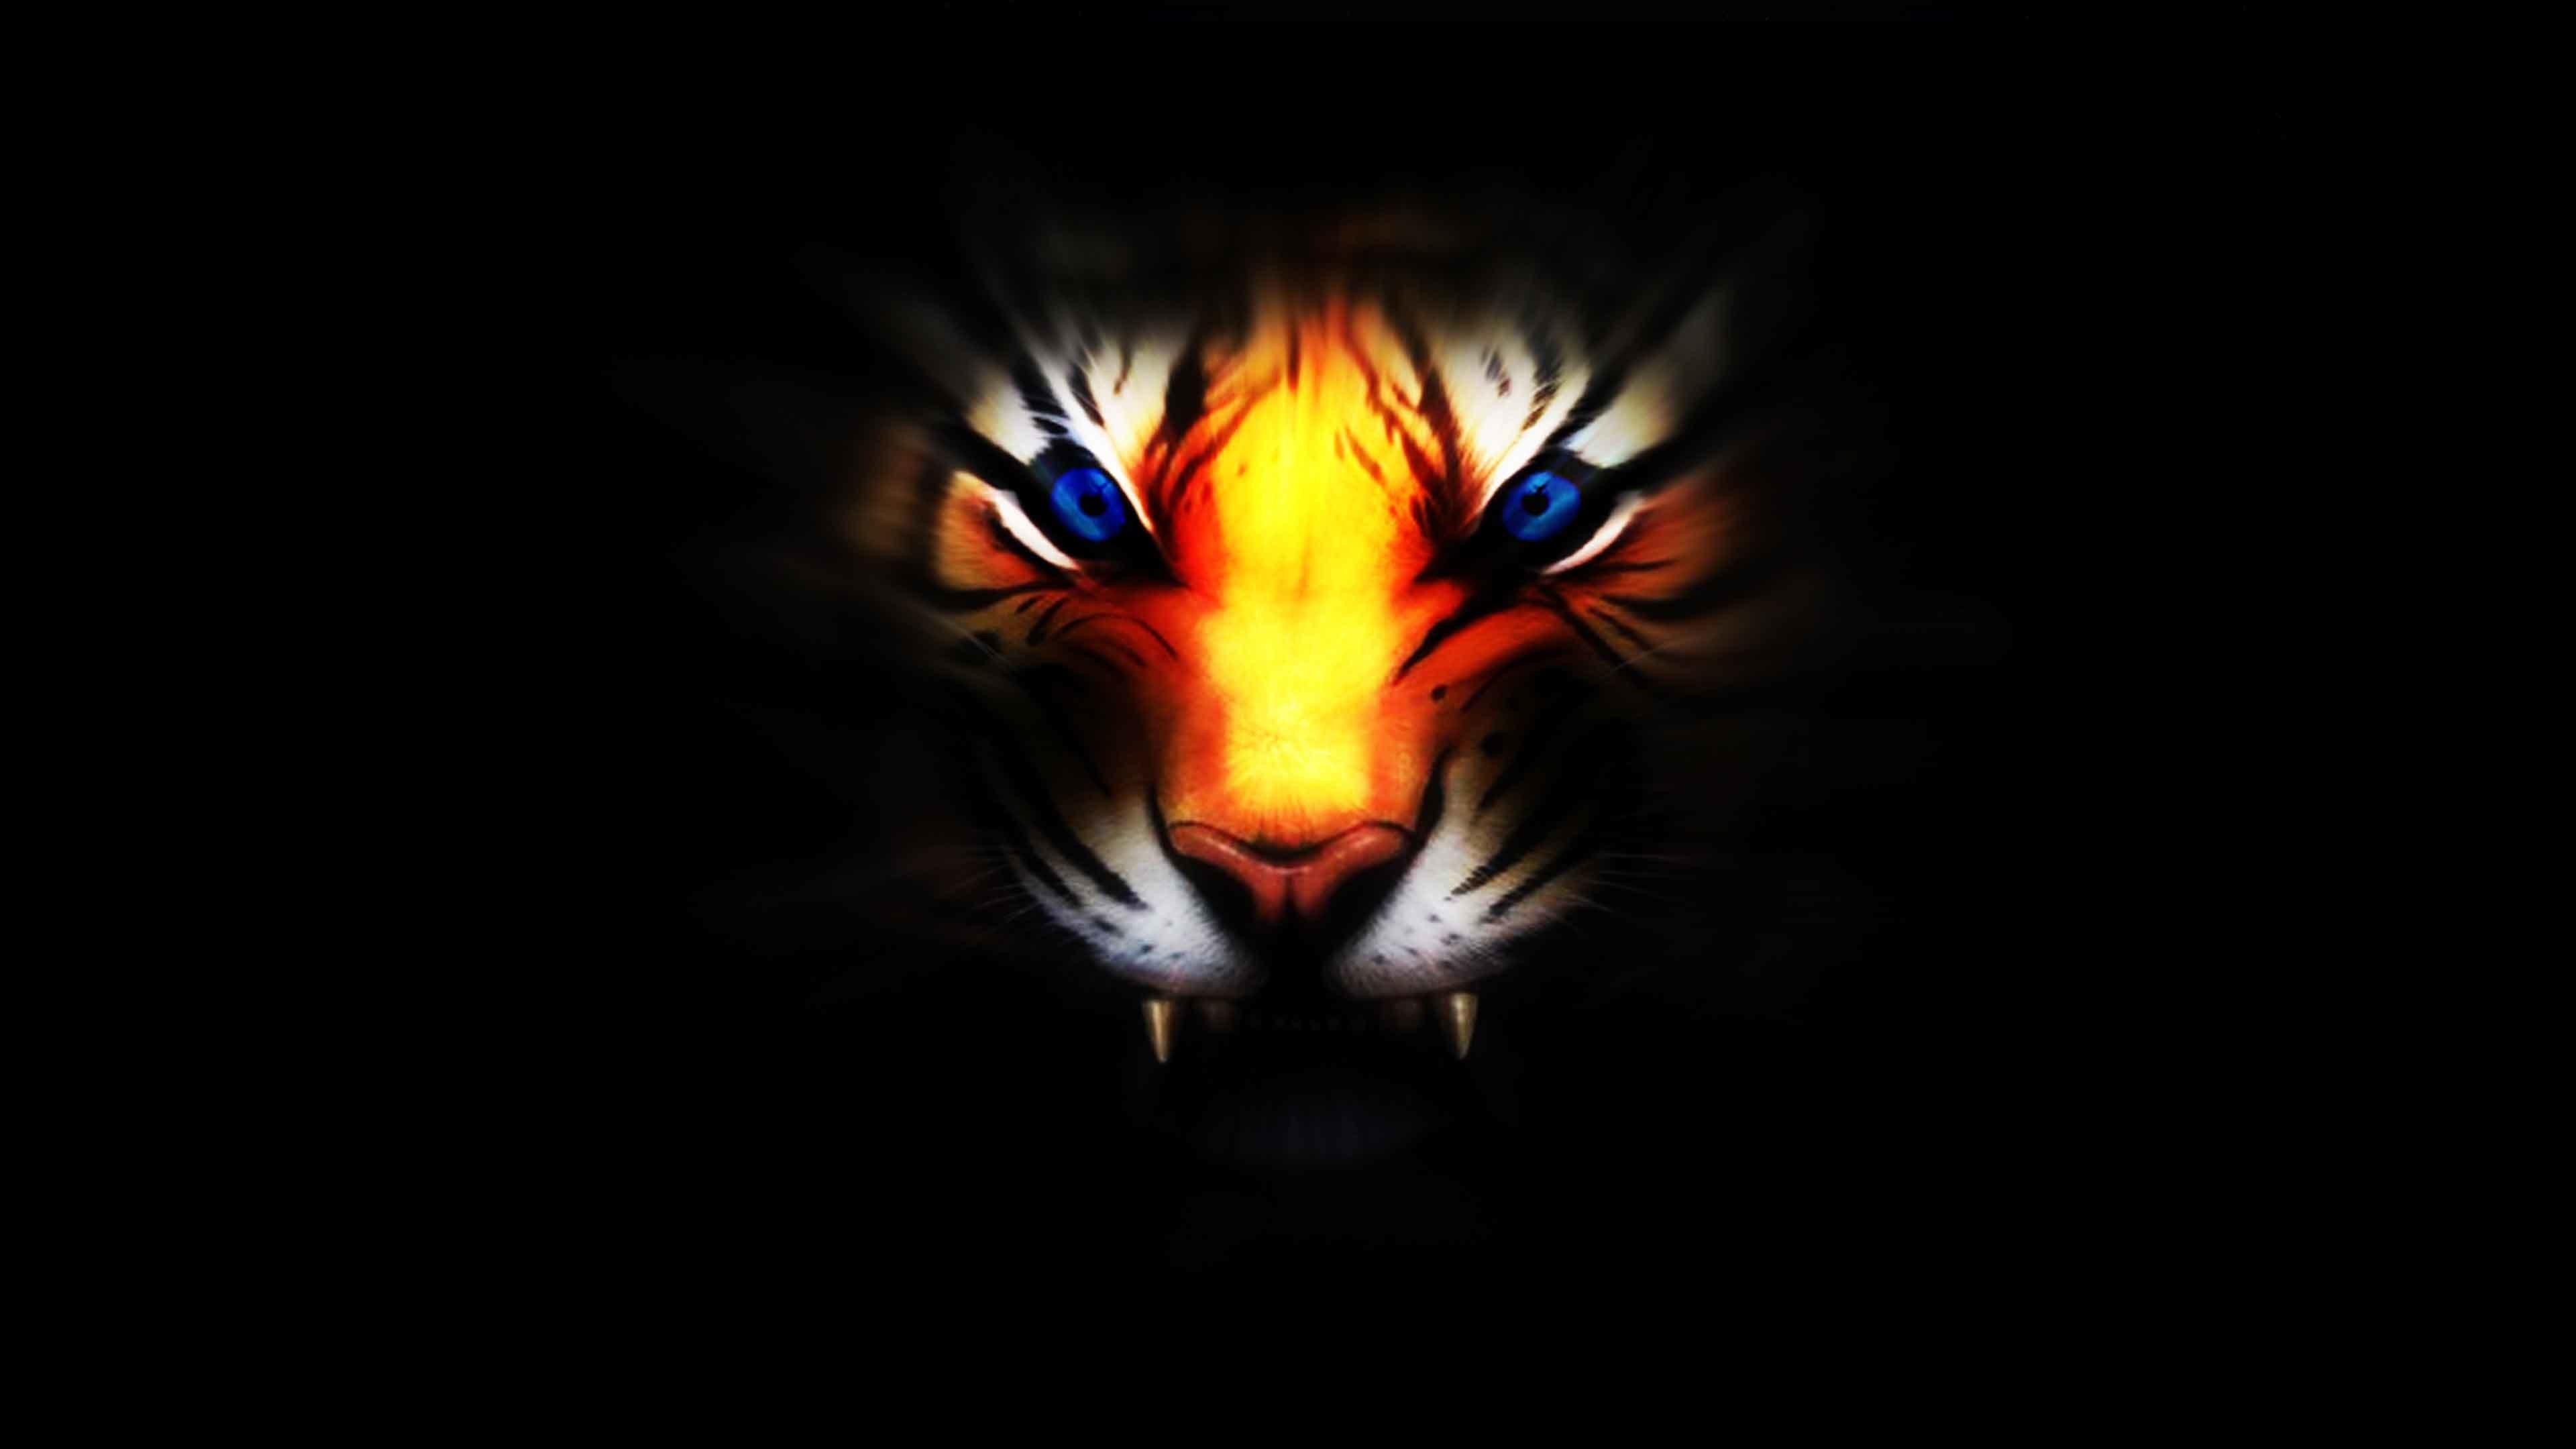 Cool 3D Tiger Wallpaper